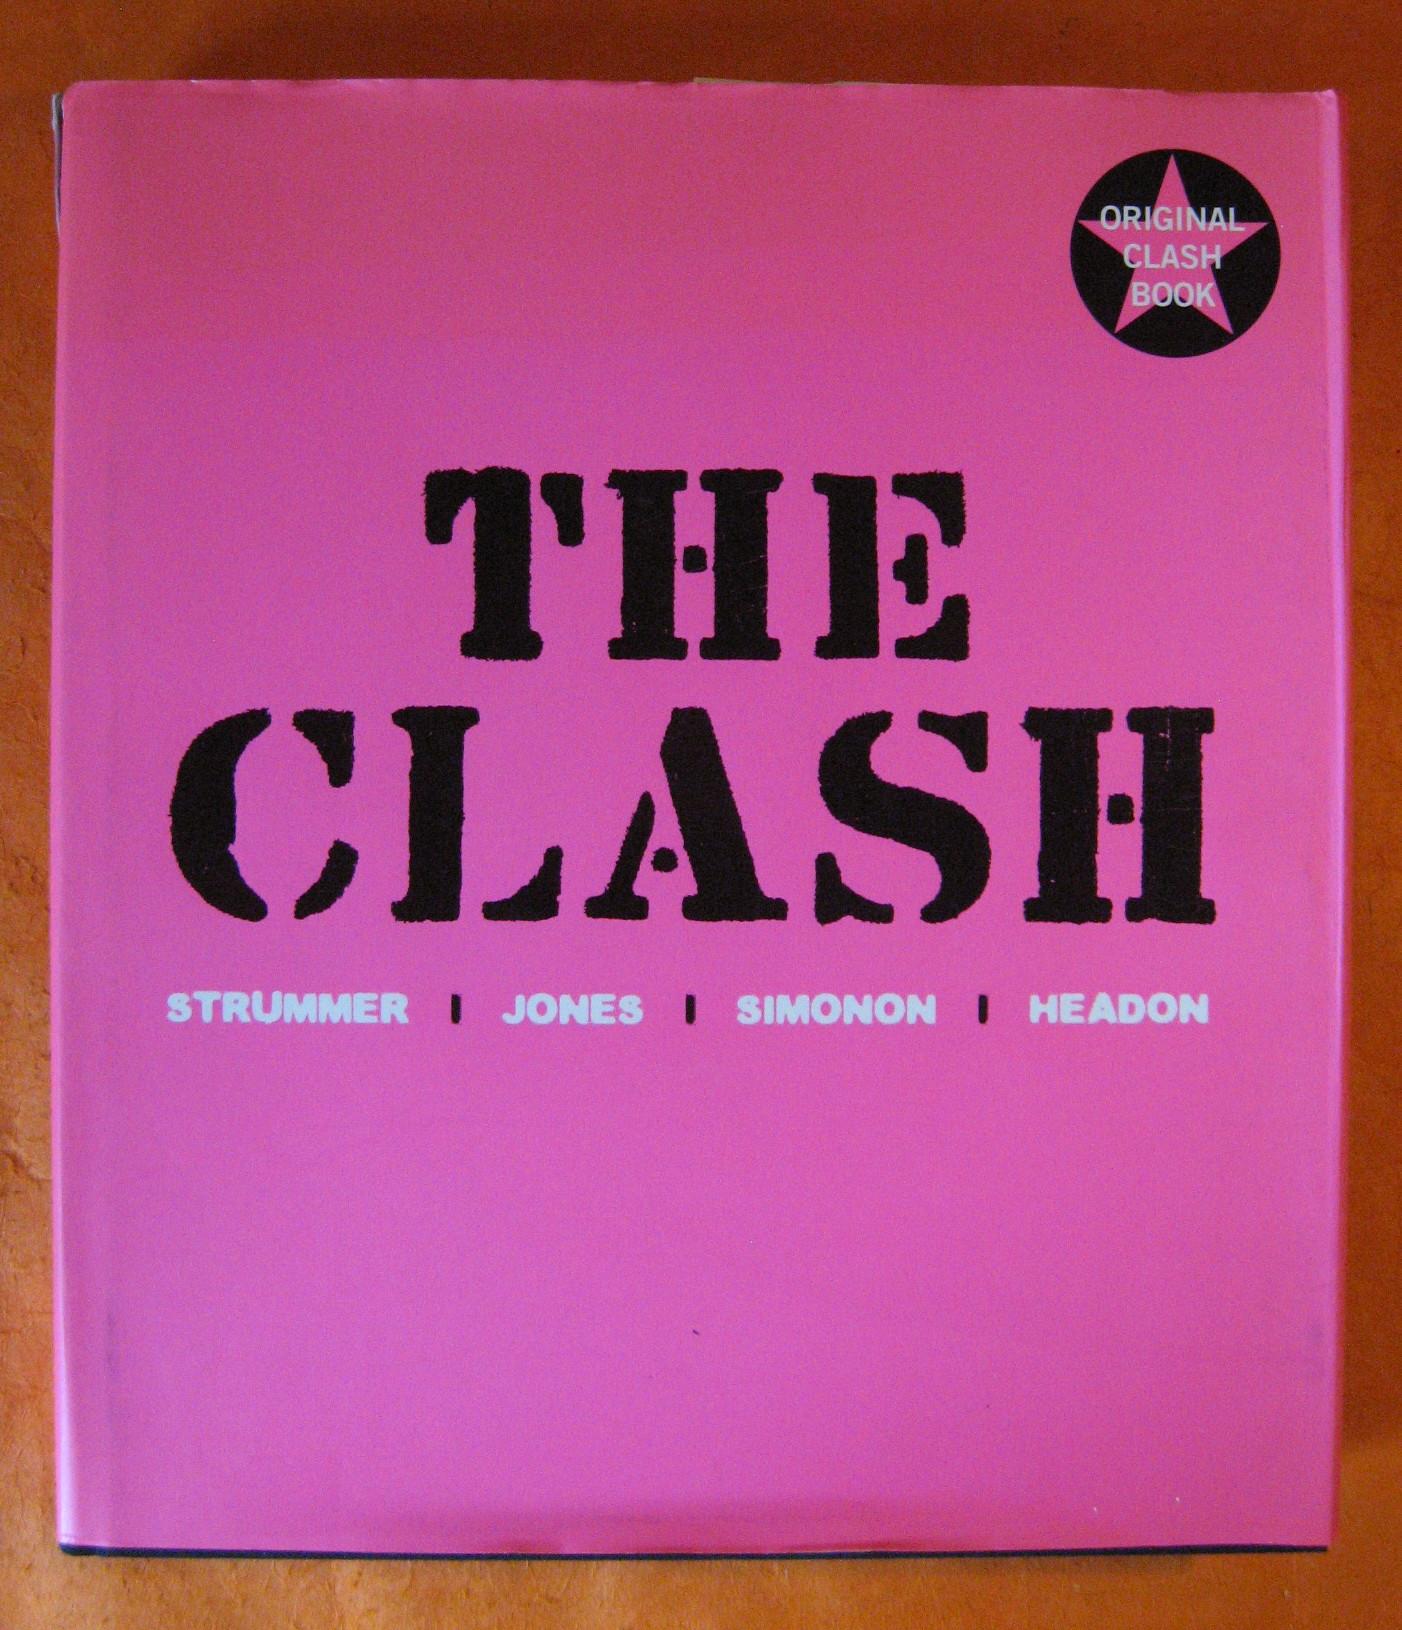 The Clash: Strummer, Jones, Simonon, Headon, Strummer, Jones, Simonon, Headon